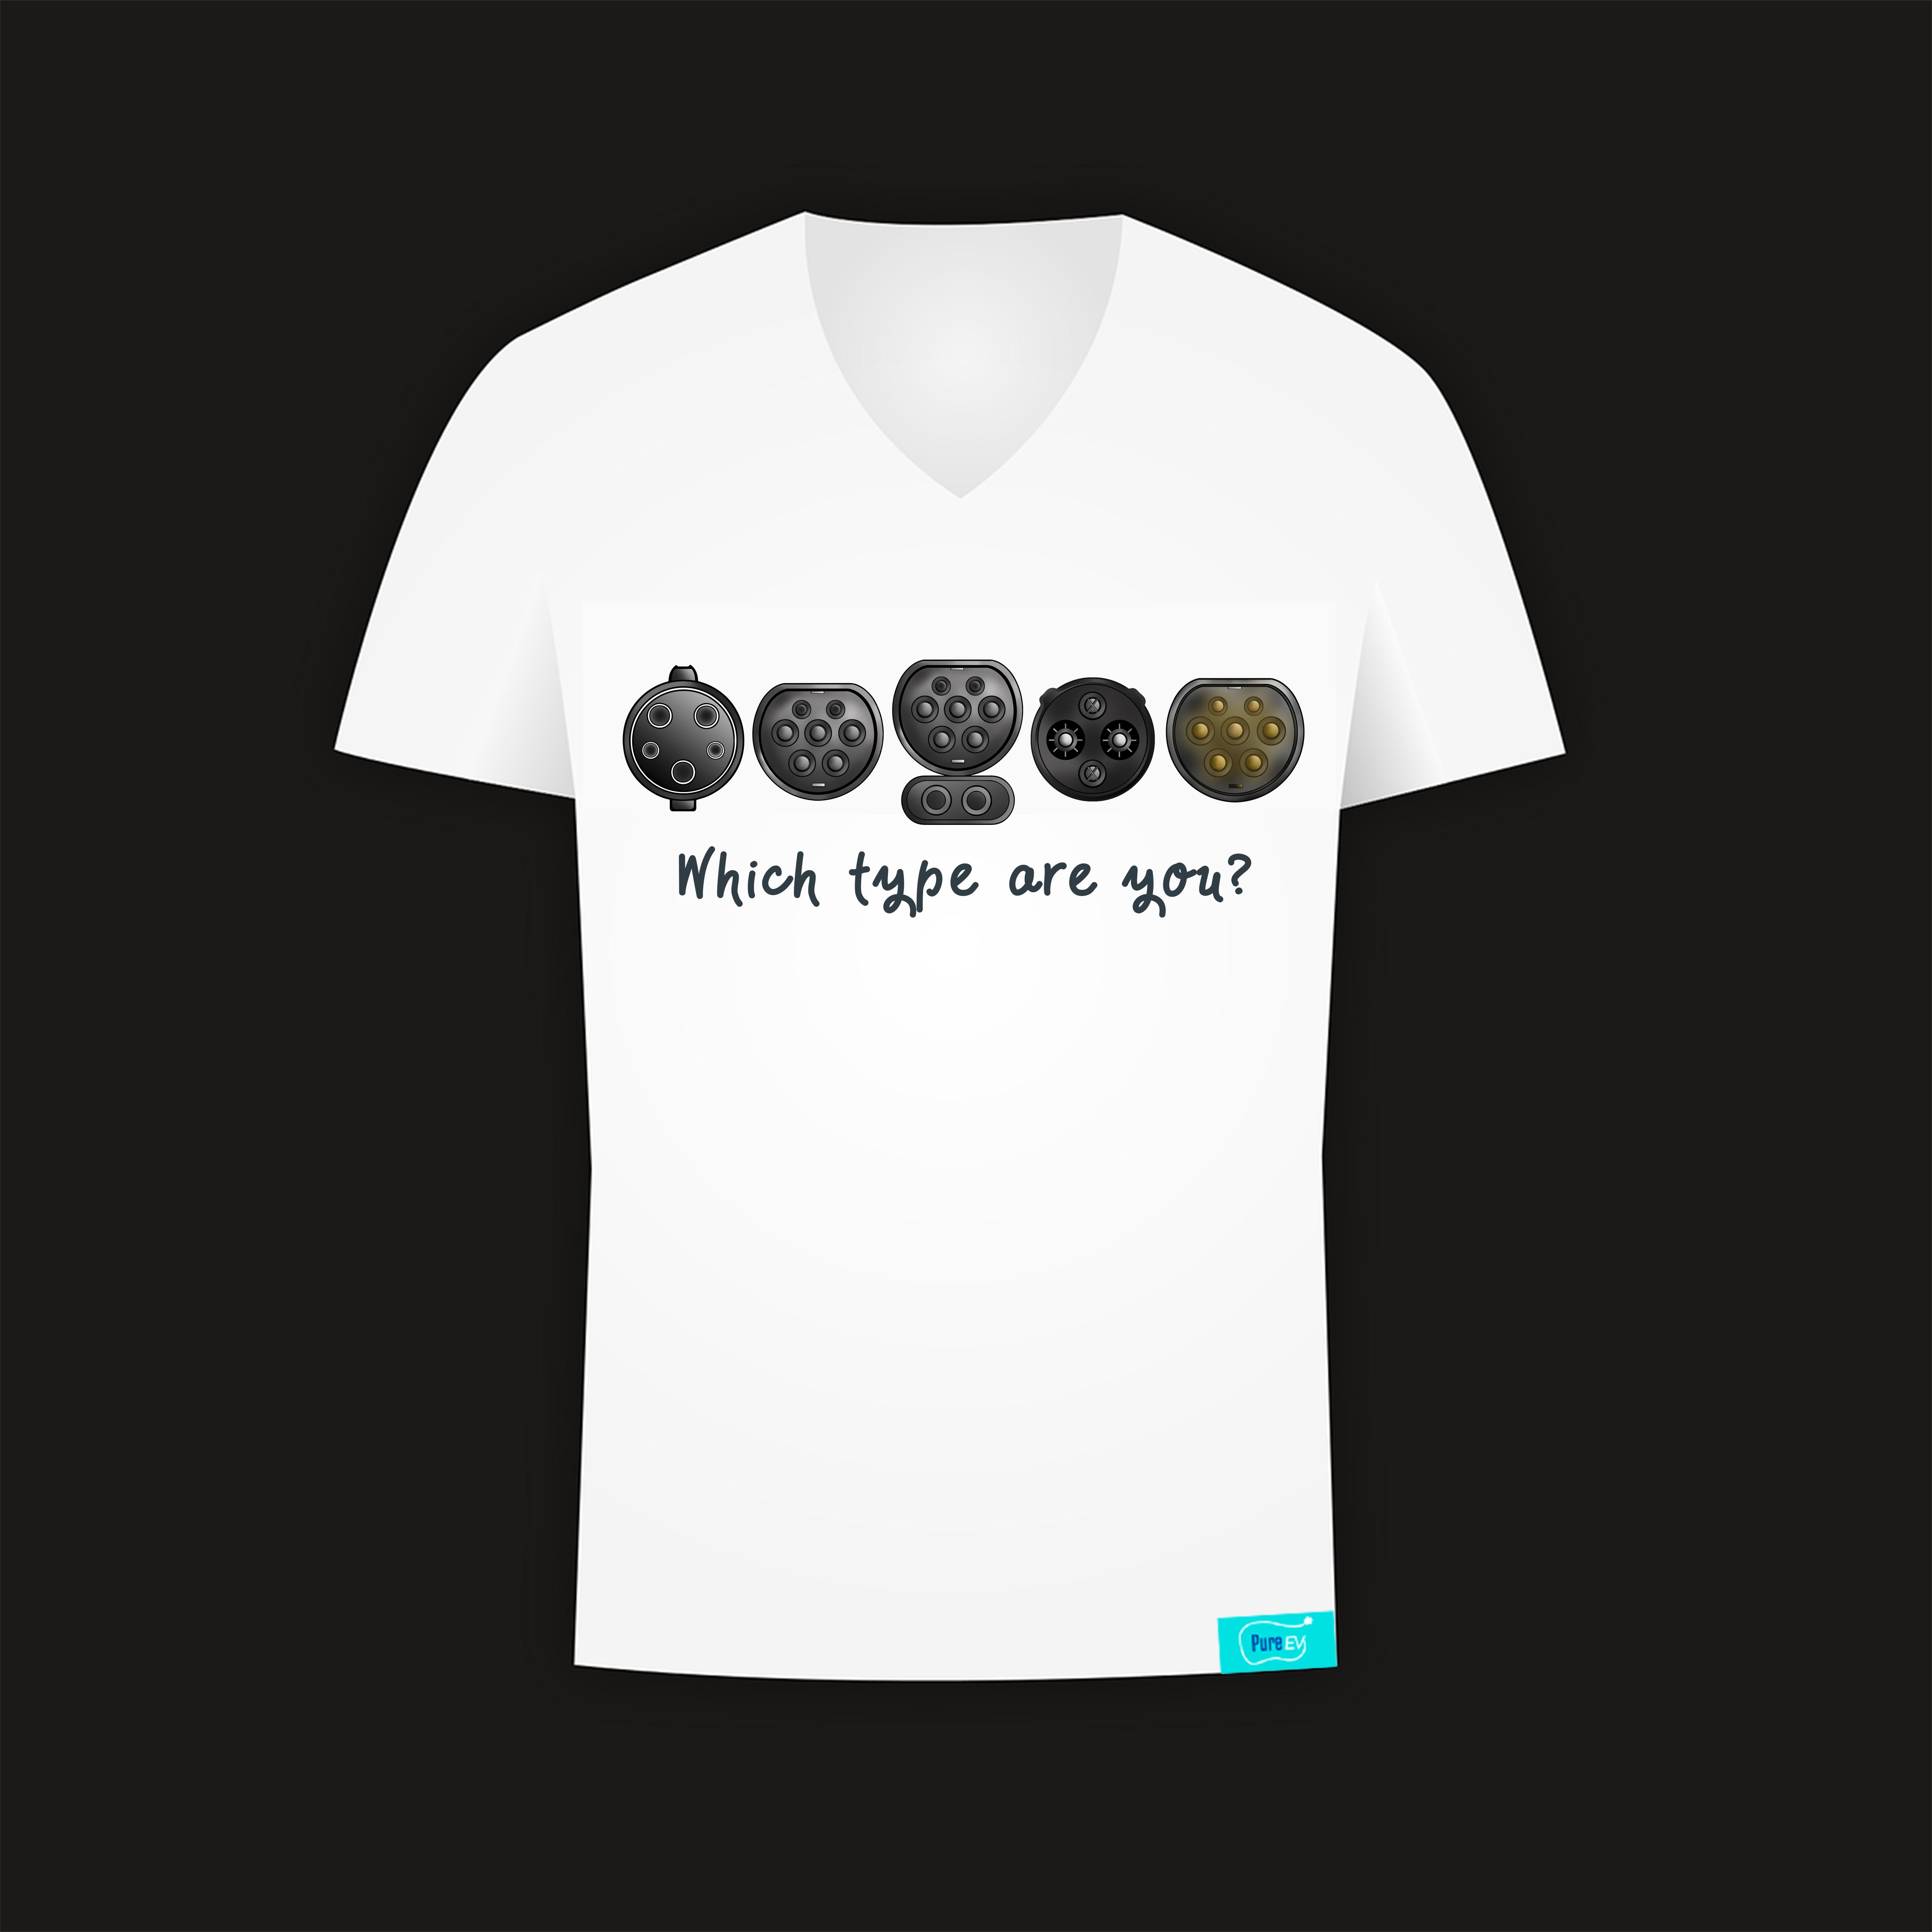 t_shirt_7